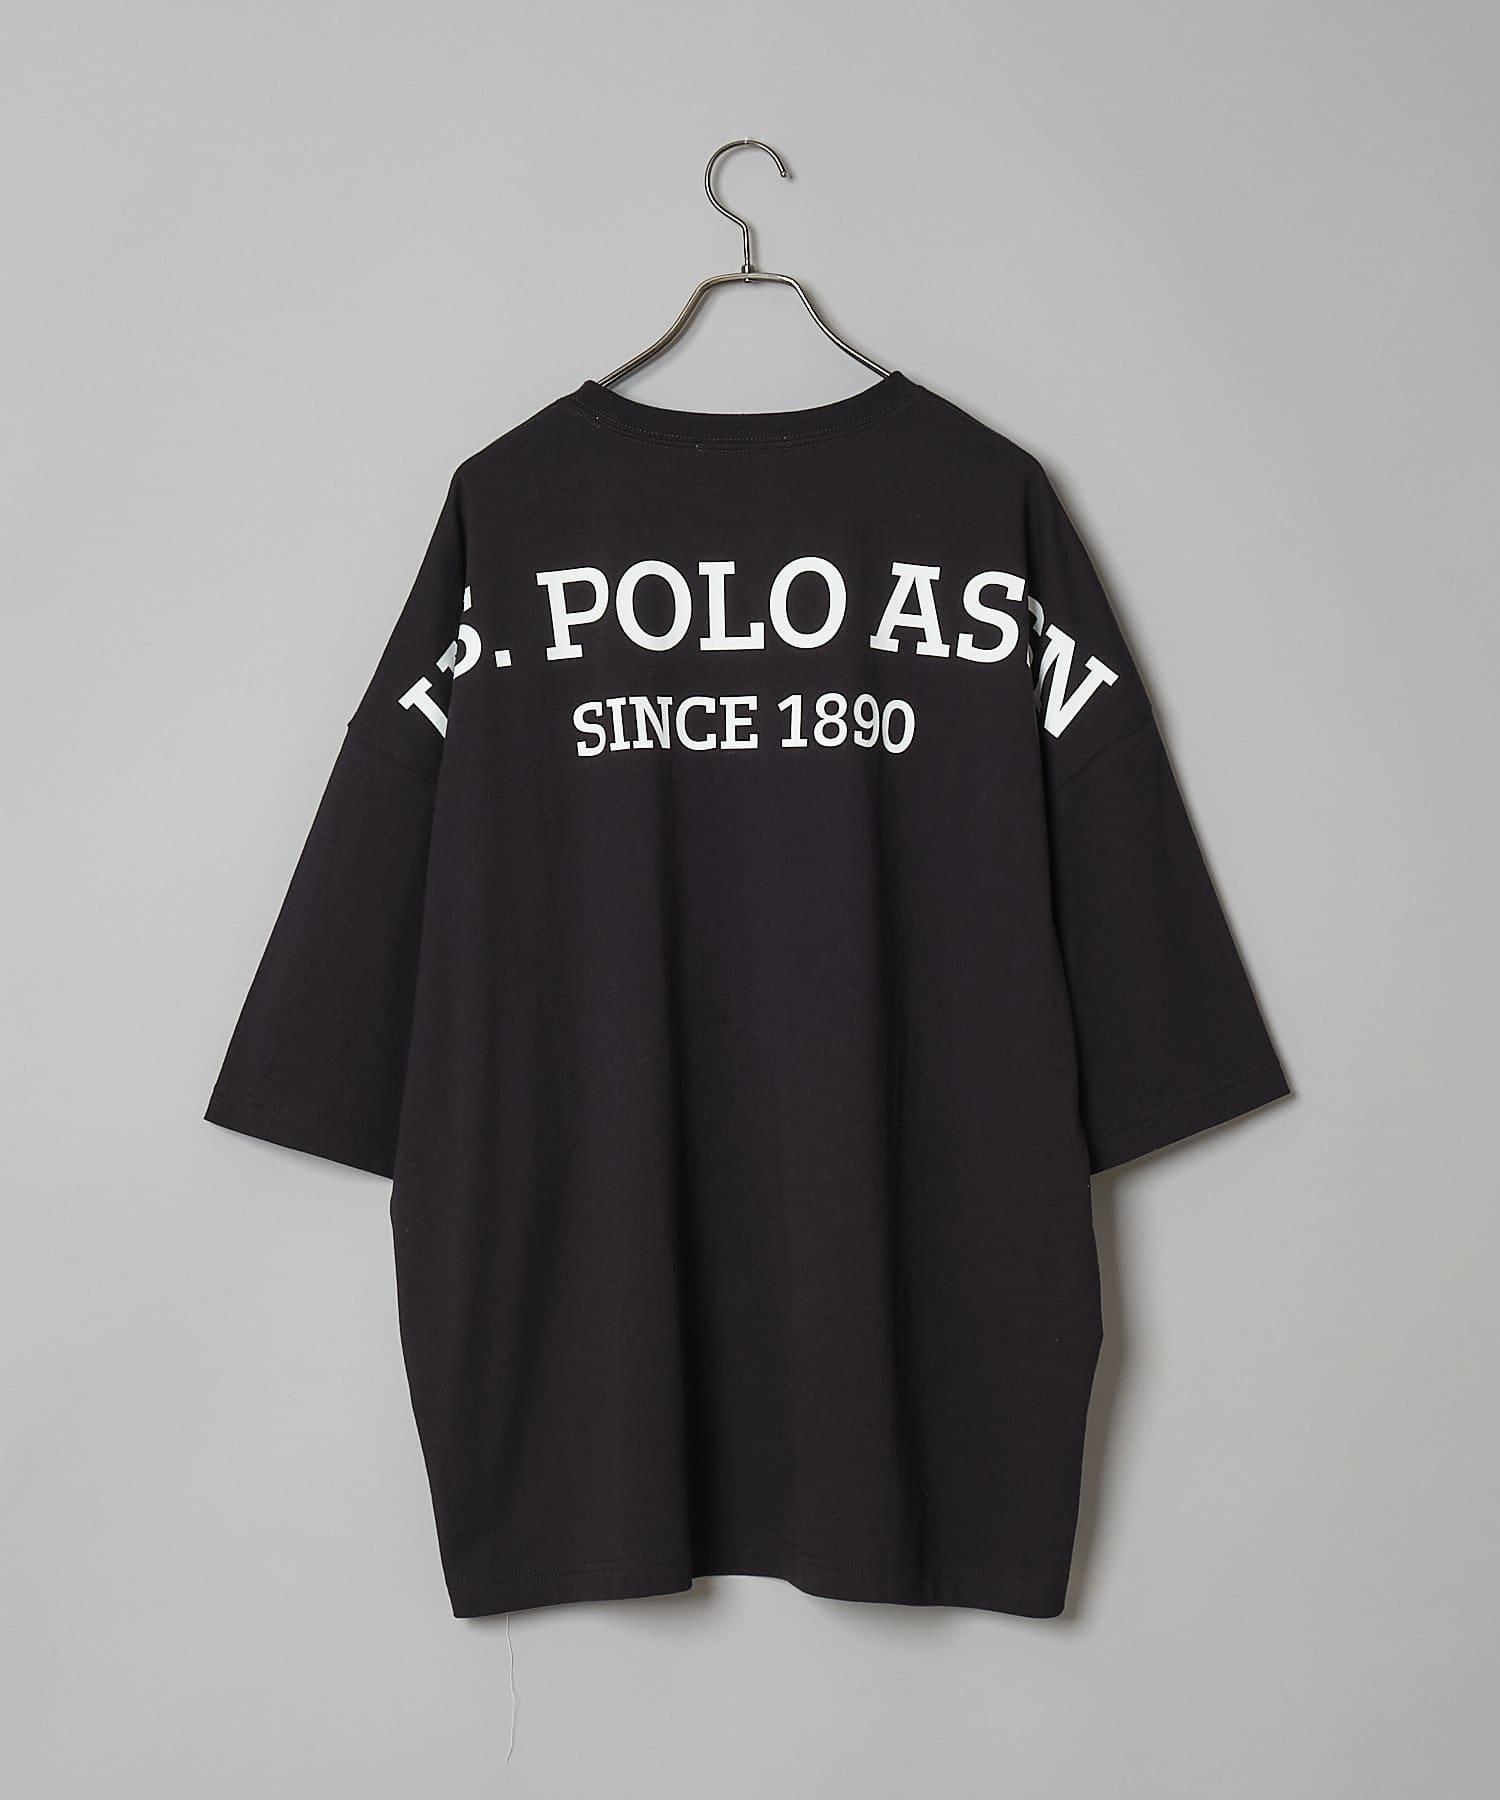 CIAOPANIC(チャオパニック) 【U.S. POLO ASSN. /ユーエスポロアッスン】別注ビッグシルエットサイド刺繍/バックプリントTシャツ